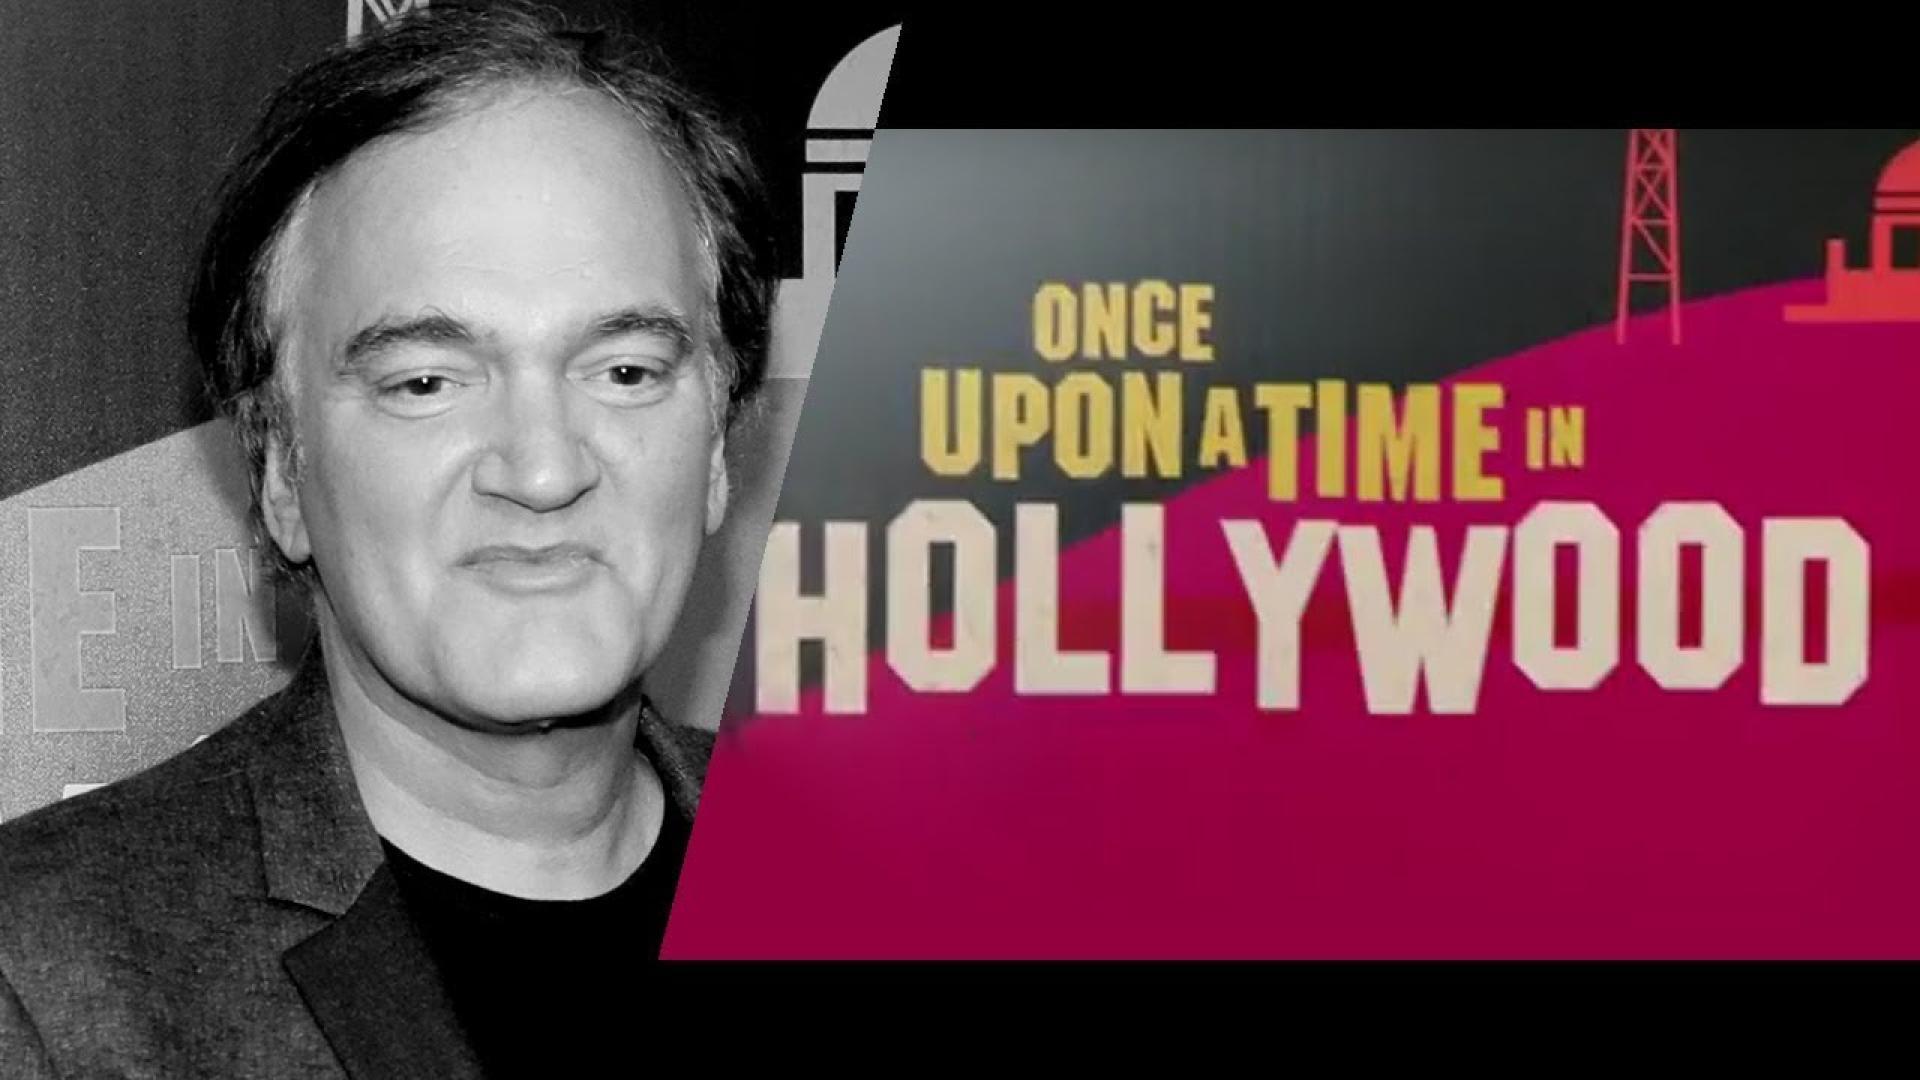 Itt az első kép a Once Upon a Time in Hollywoodhoz